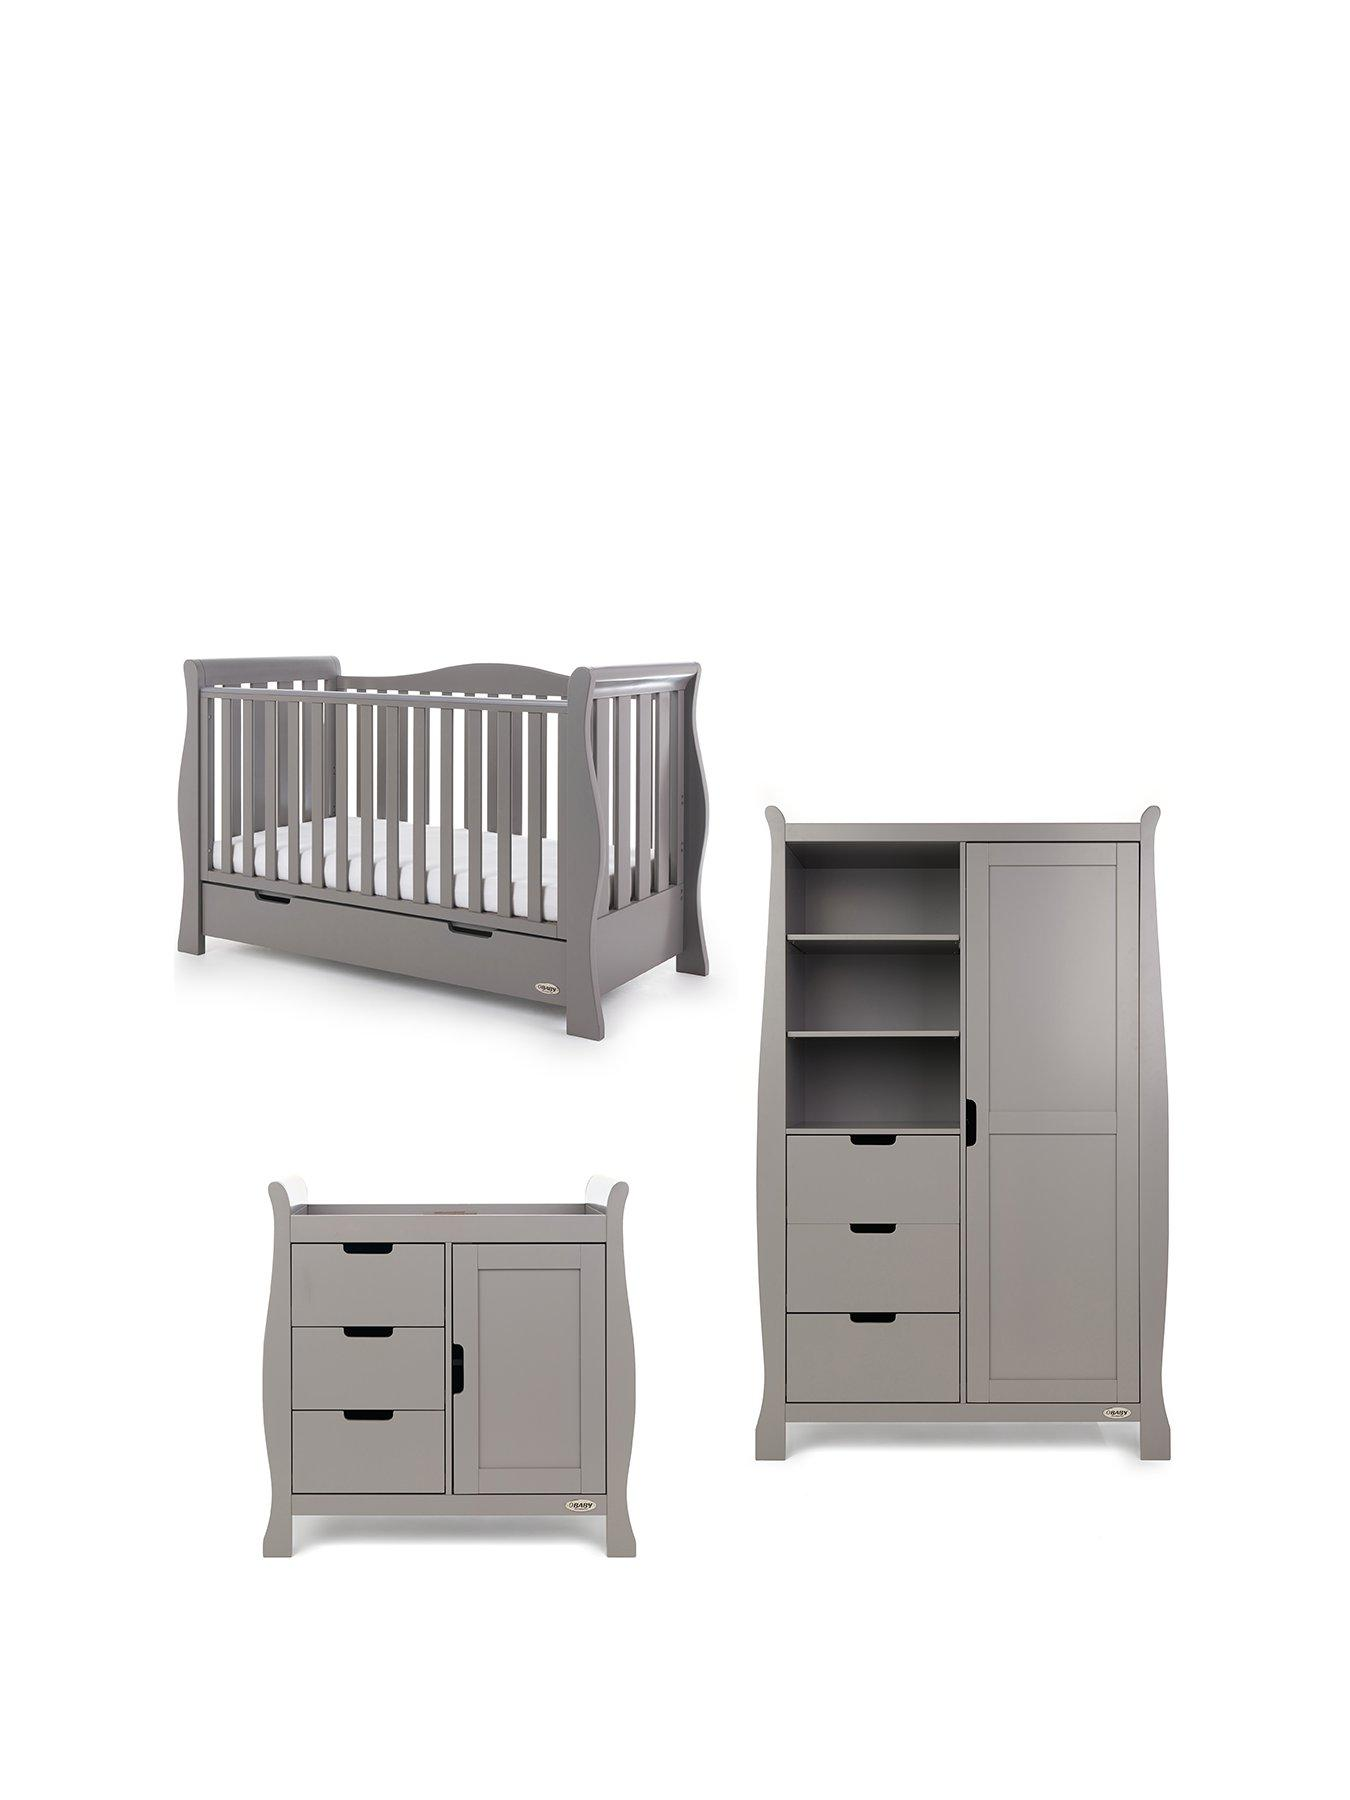 Nursery Furniture Group 6 Piece Set